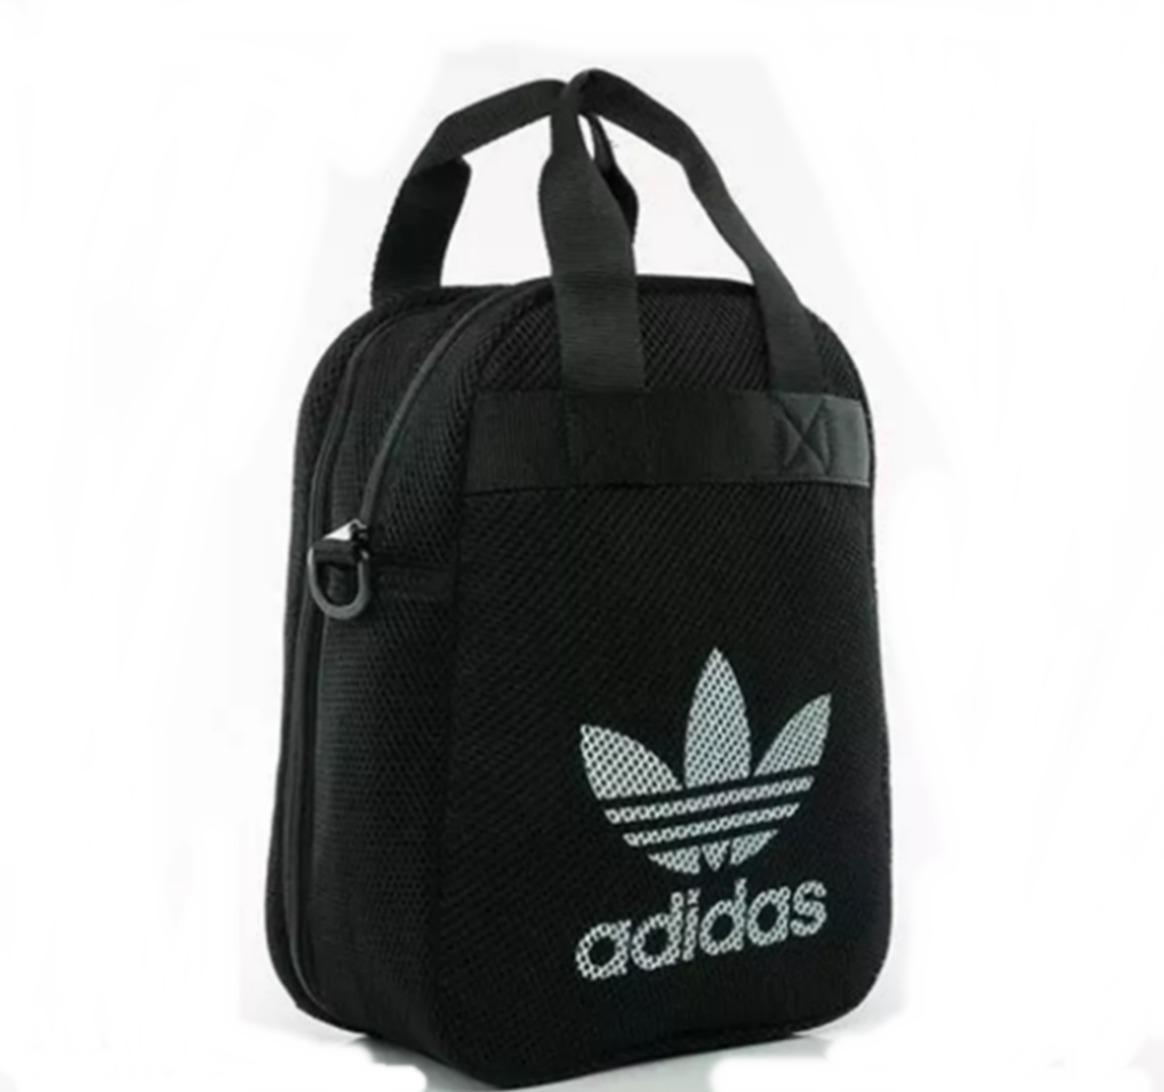 9cb2d5a1b1 bolso adidas originals teambag. Cargando zoom.